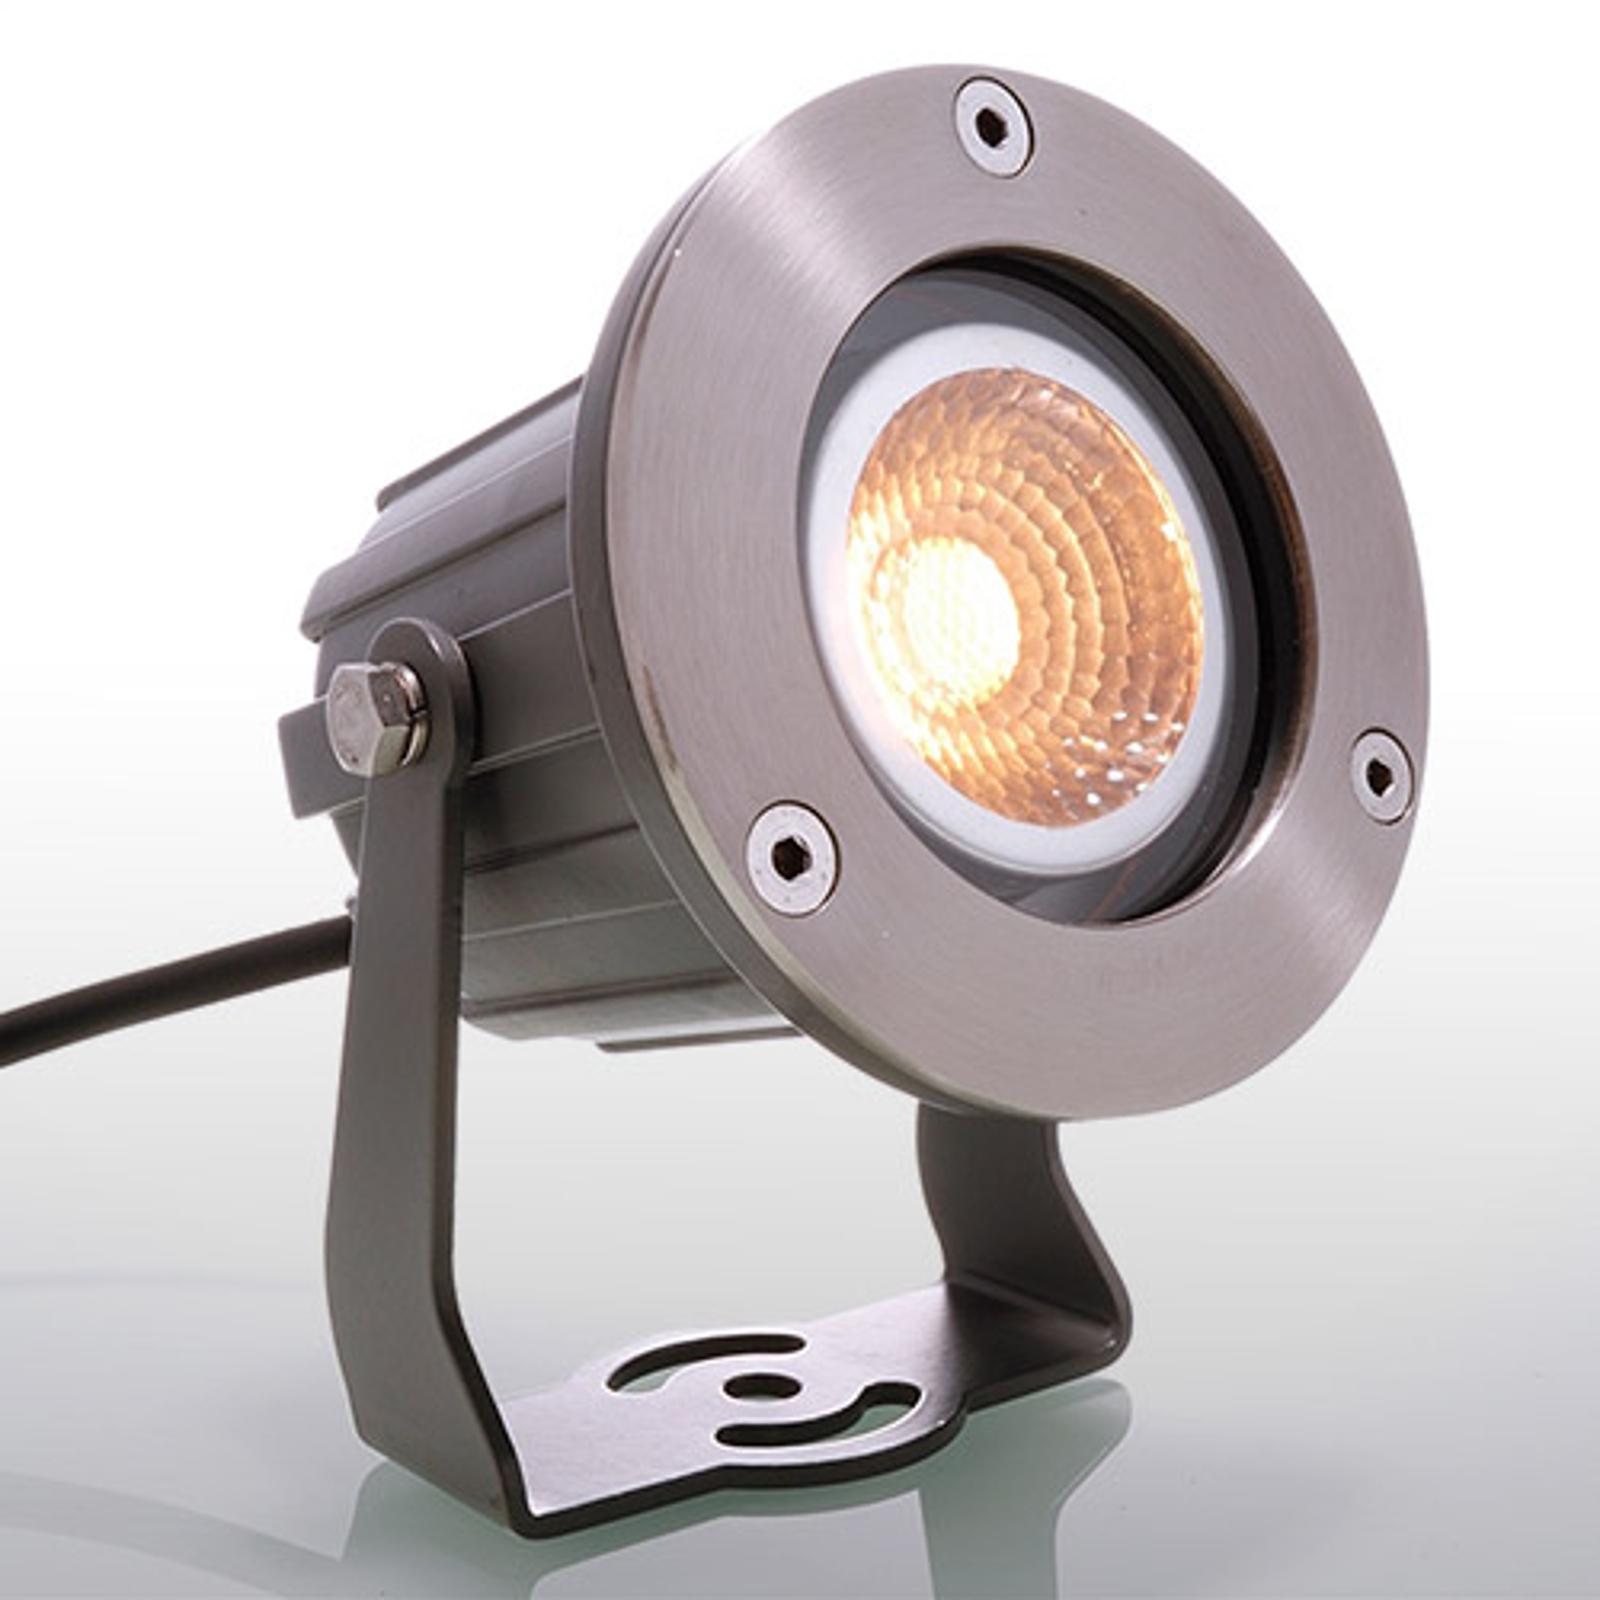 Power-LED-spot Cob för utomhusbruk